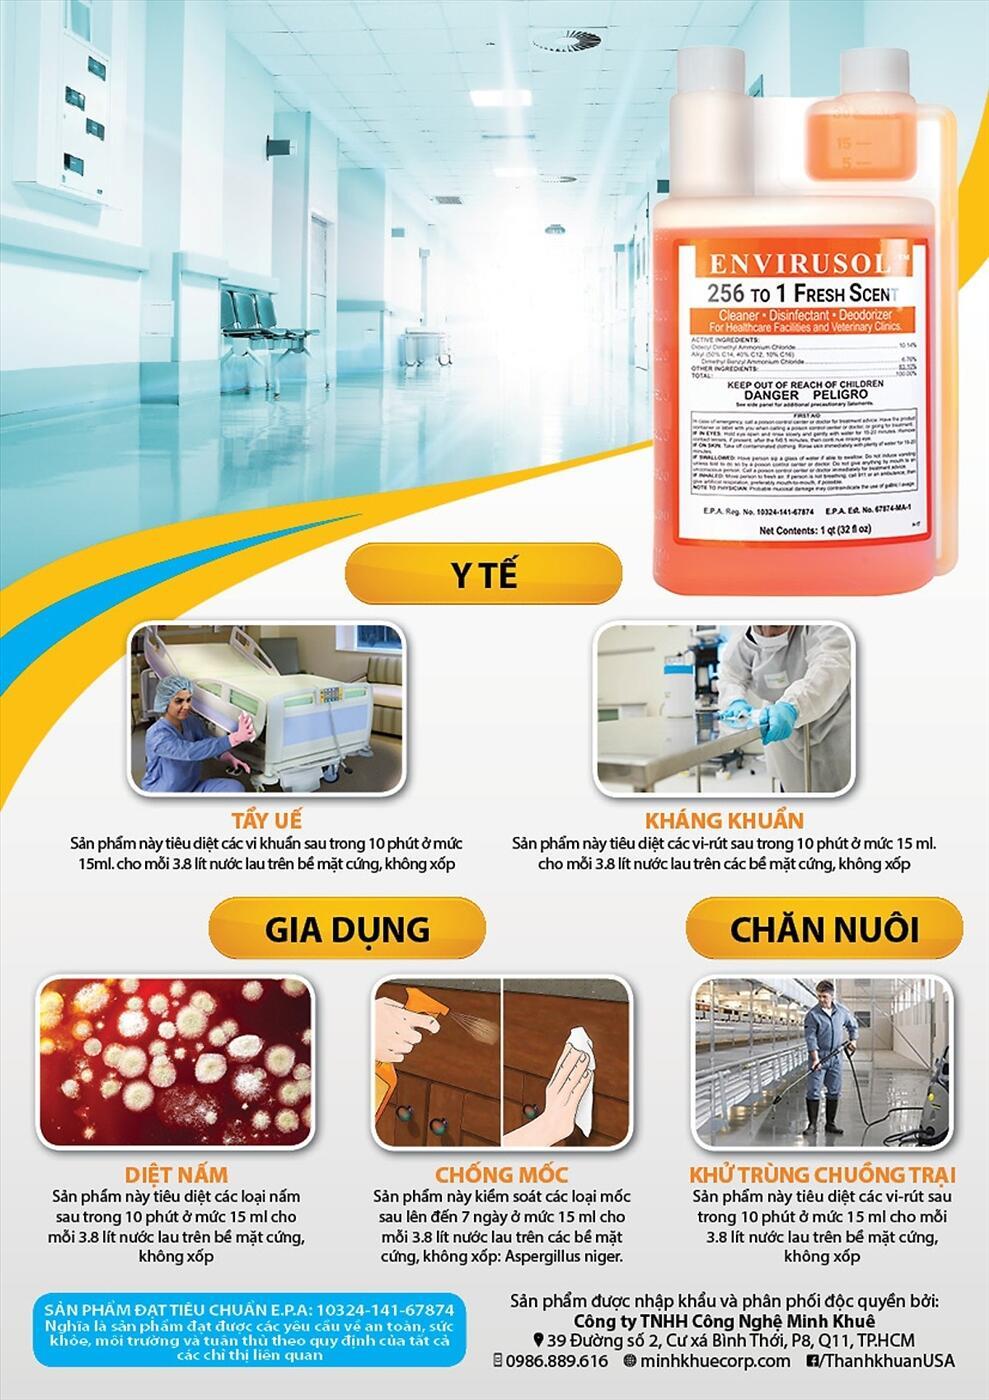 Dung dịch diệt khuẩn, khử trùng, khử mùi, diệt nấm mốc ENVIRUSOL 256 in 1